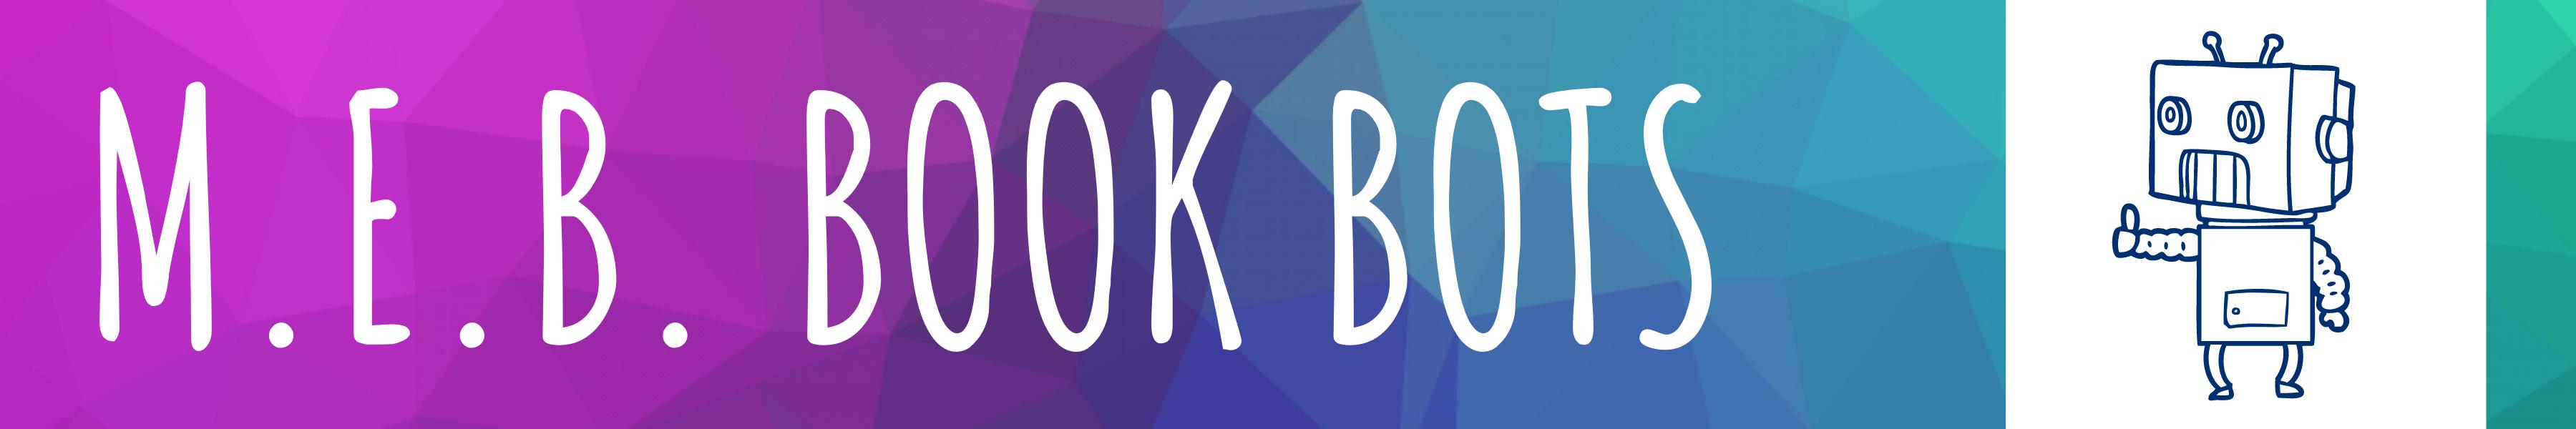 Book bots  8ee8c283